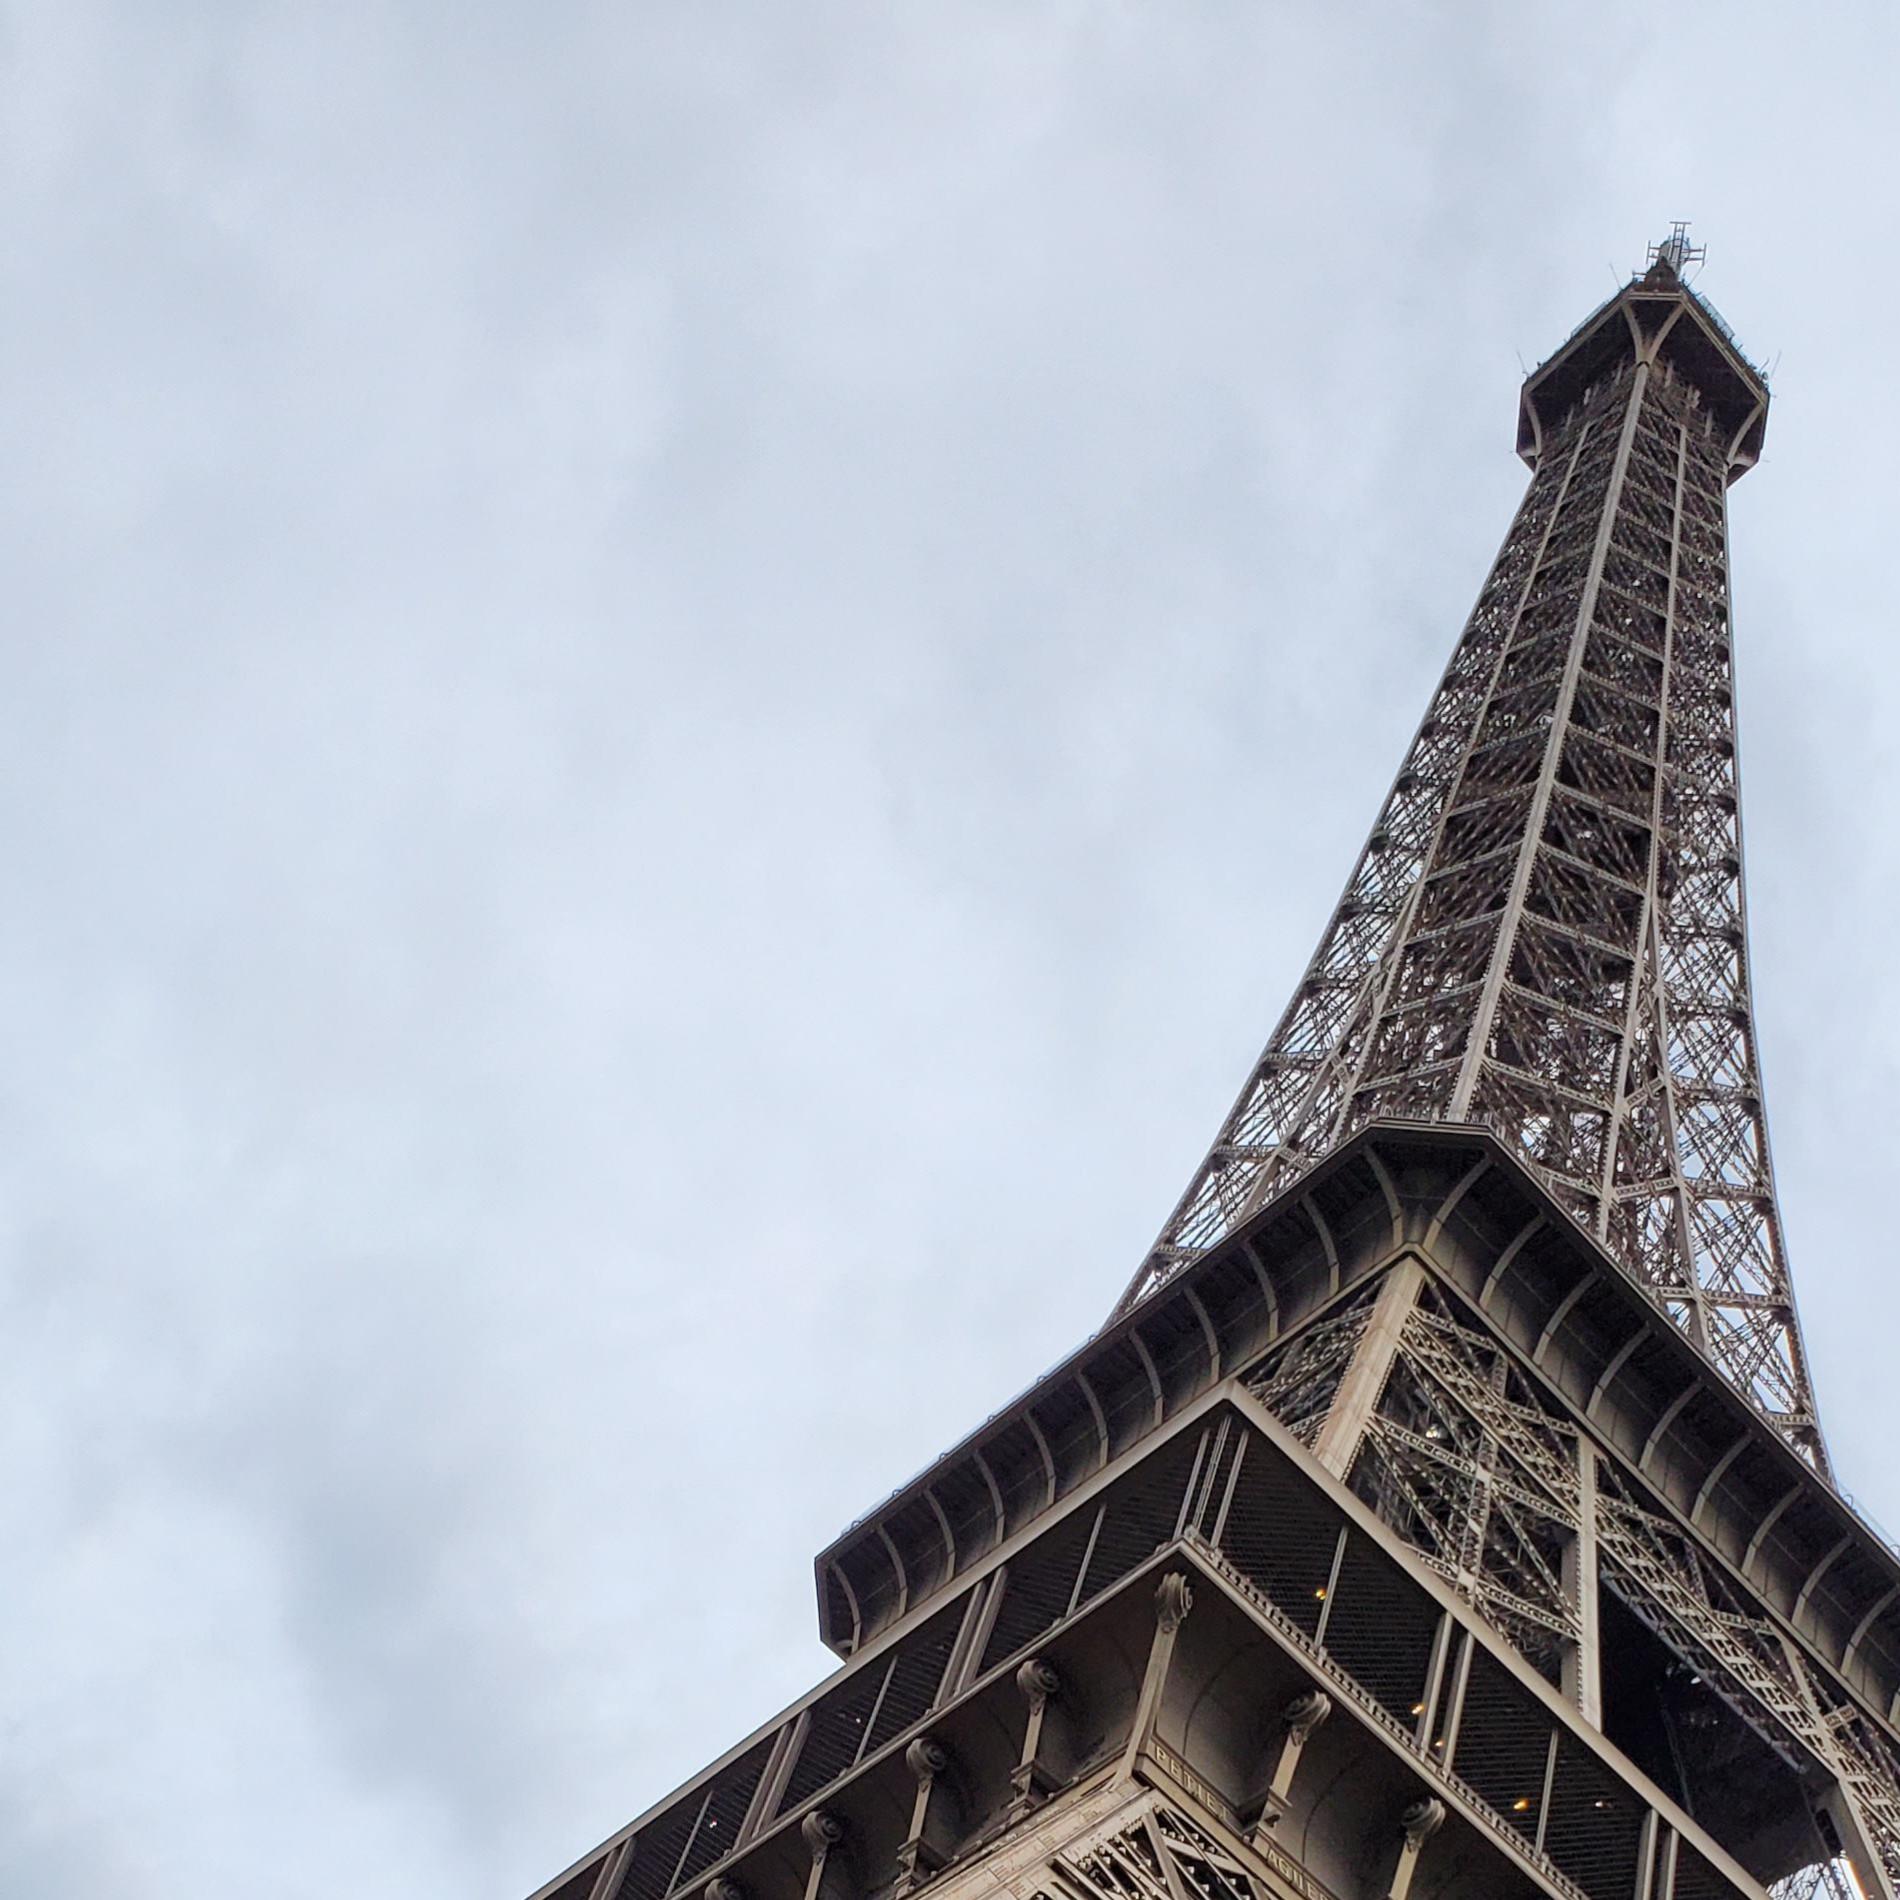 Tour Eiffel by u/mihai9315